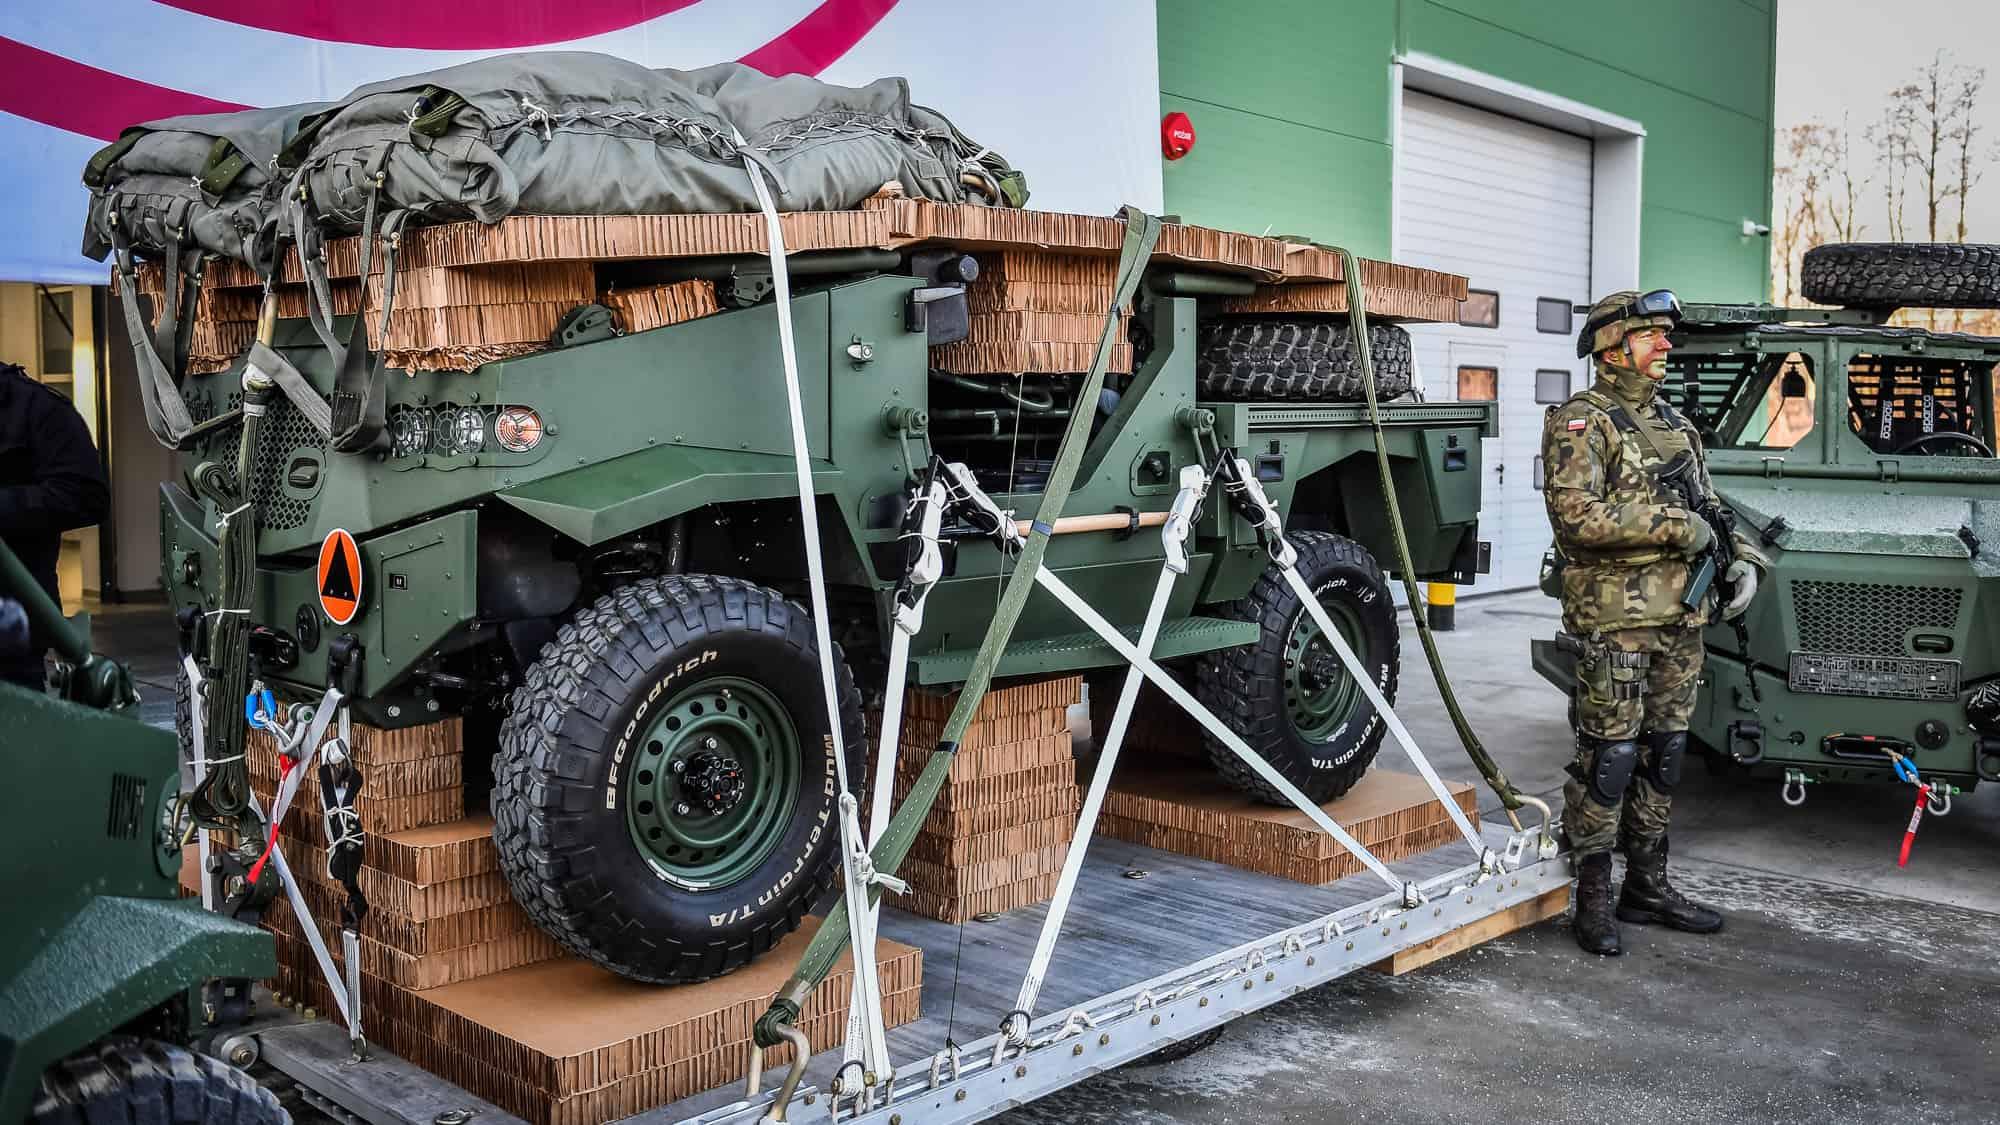 Транспортний засіб Aero 4x4 підготовлений до десантування